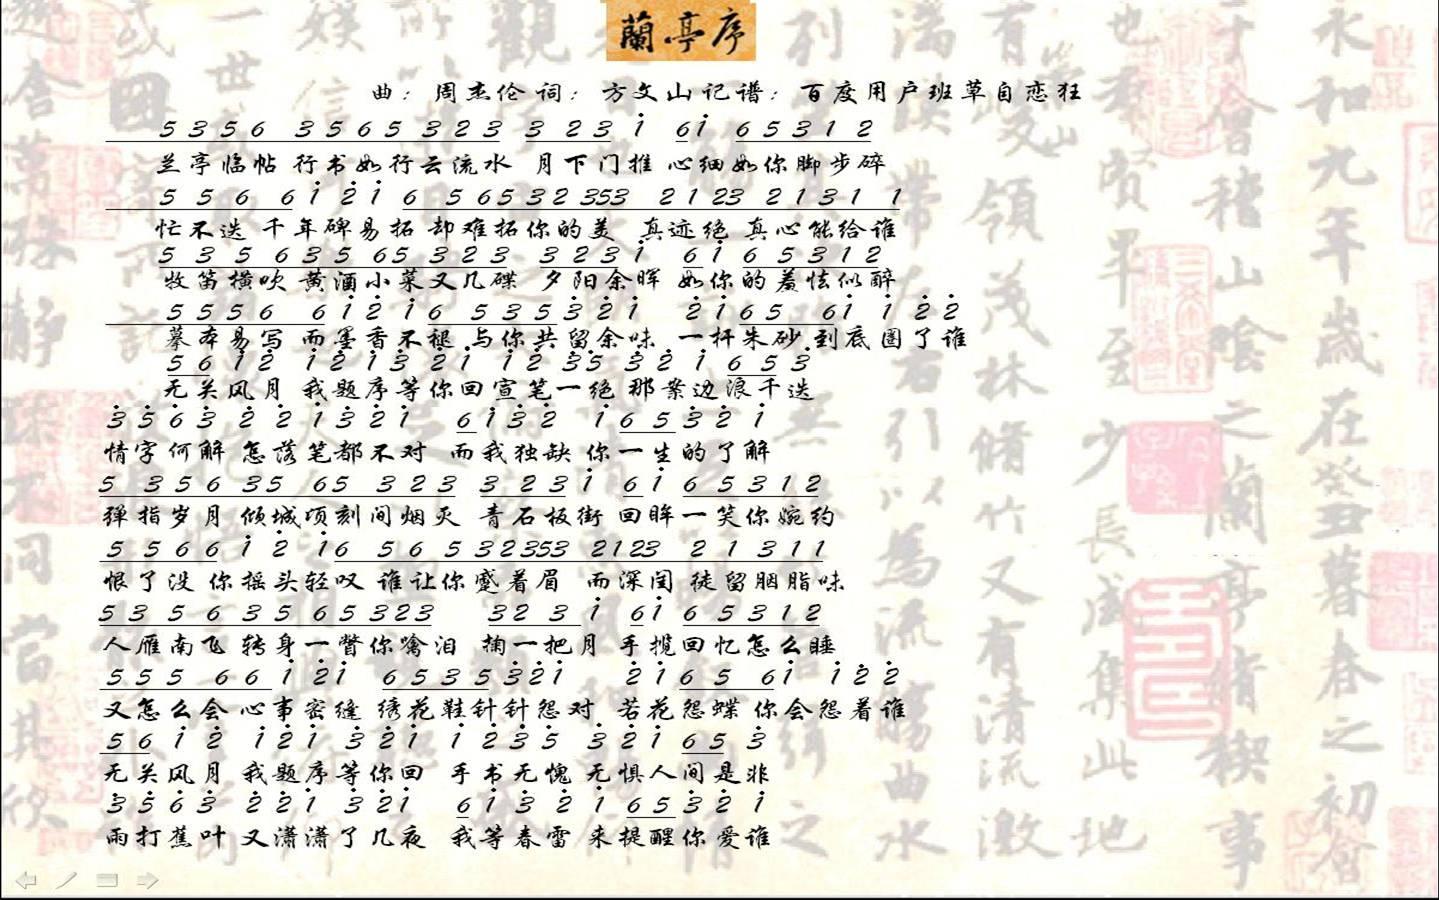 兰亭序钢琴简谱(带伴奏);; 兰亭序钢琴简谱 带; 求周杰伦兰亭序谱图片